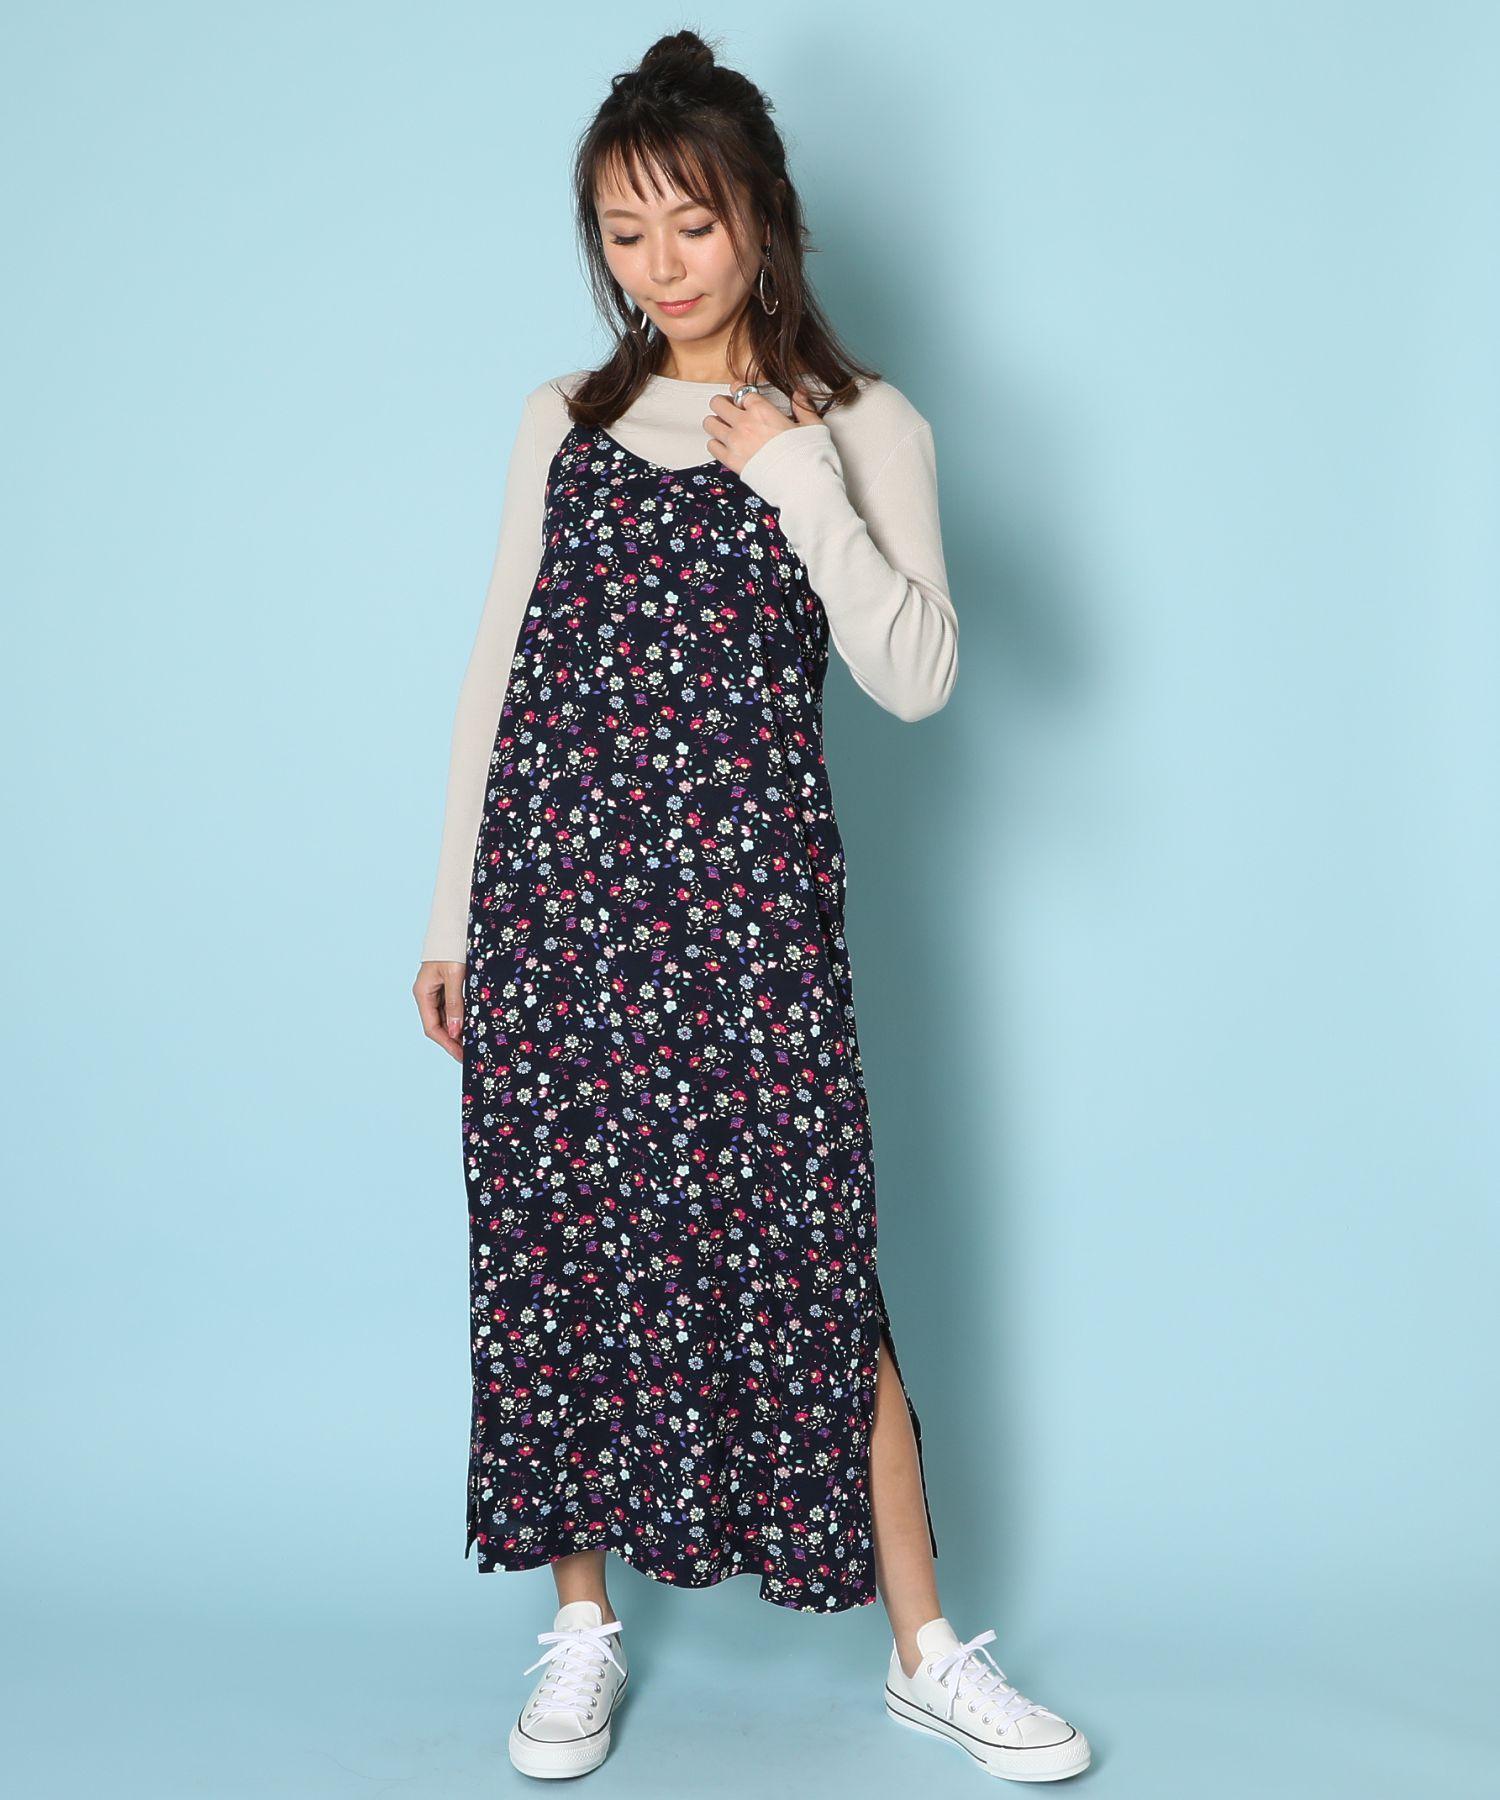 アメリカンラグシー AMERICAN RAG CIE / フラワーキャミドレス Flower Cami Dress